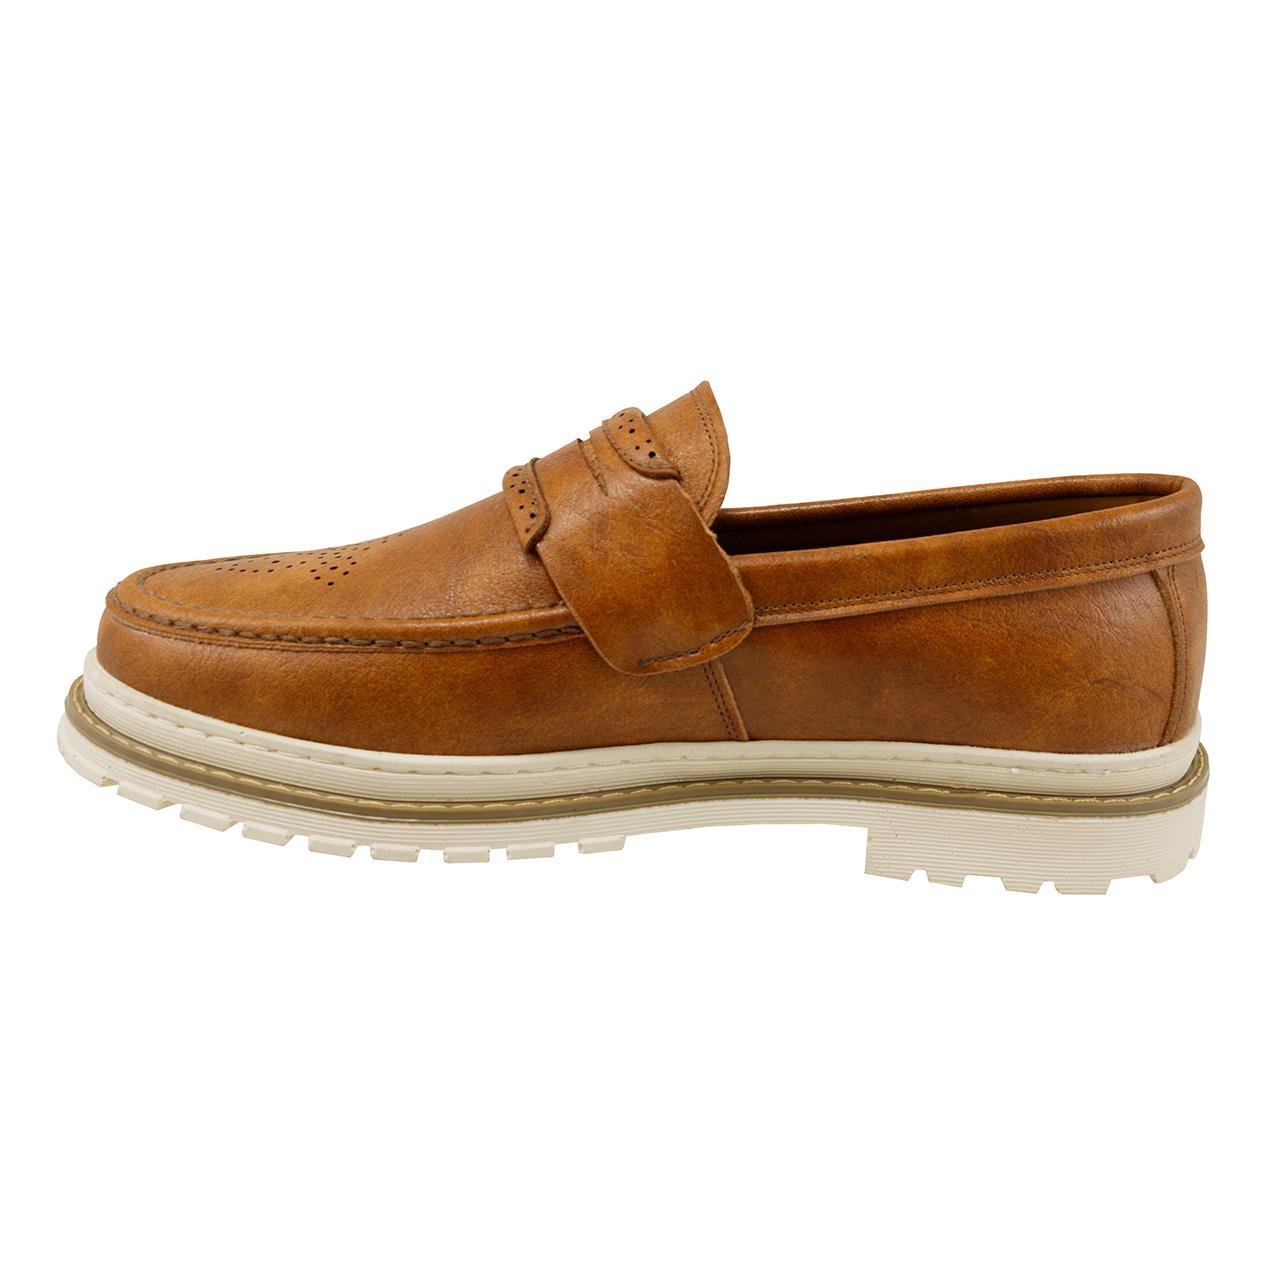 کفش مردانه روزمره رئال مدل A101